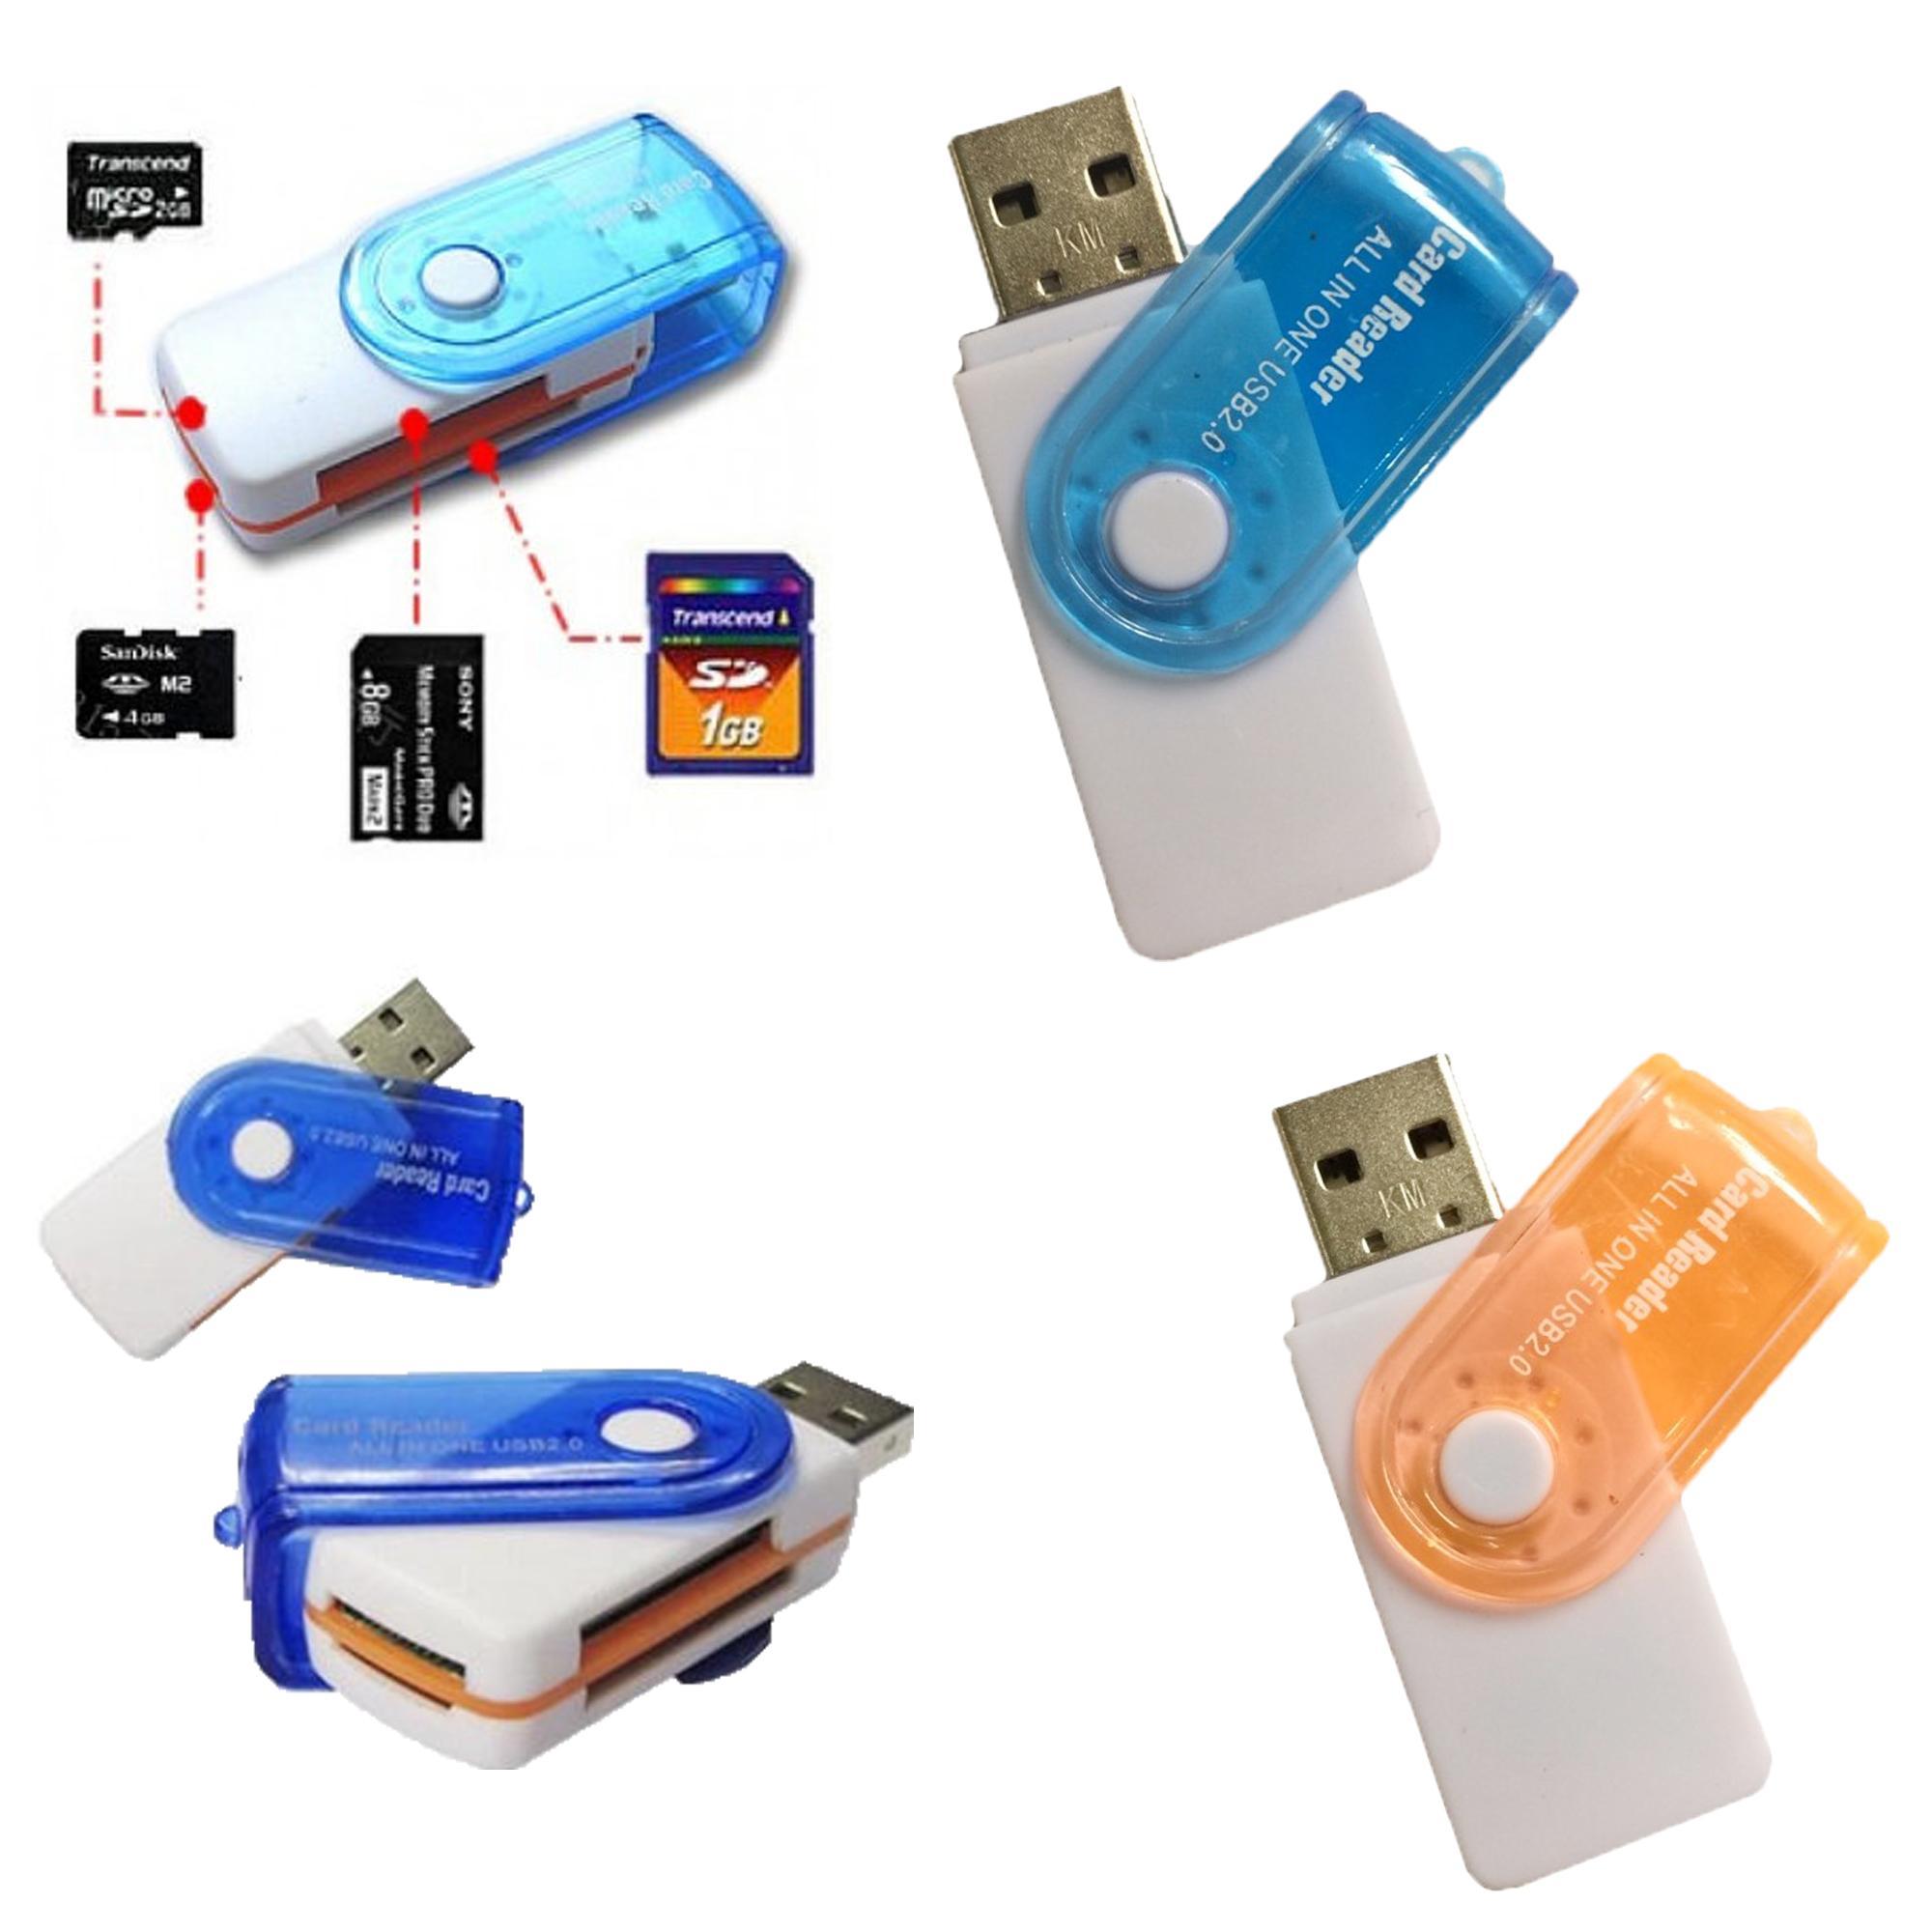 BUY 1 TAKE 1 5in1 USB 2.0 Hi-Speed Micro SD / T-Flash